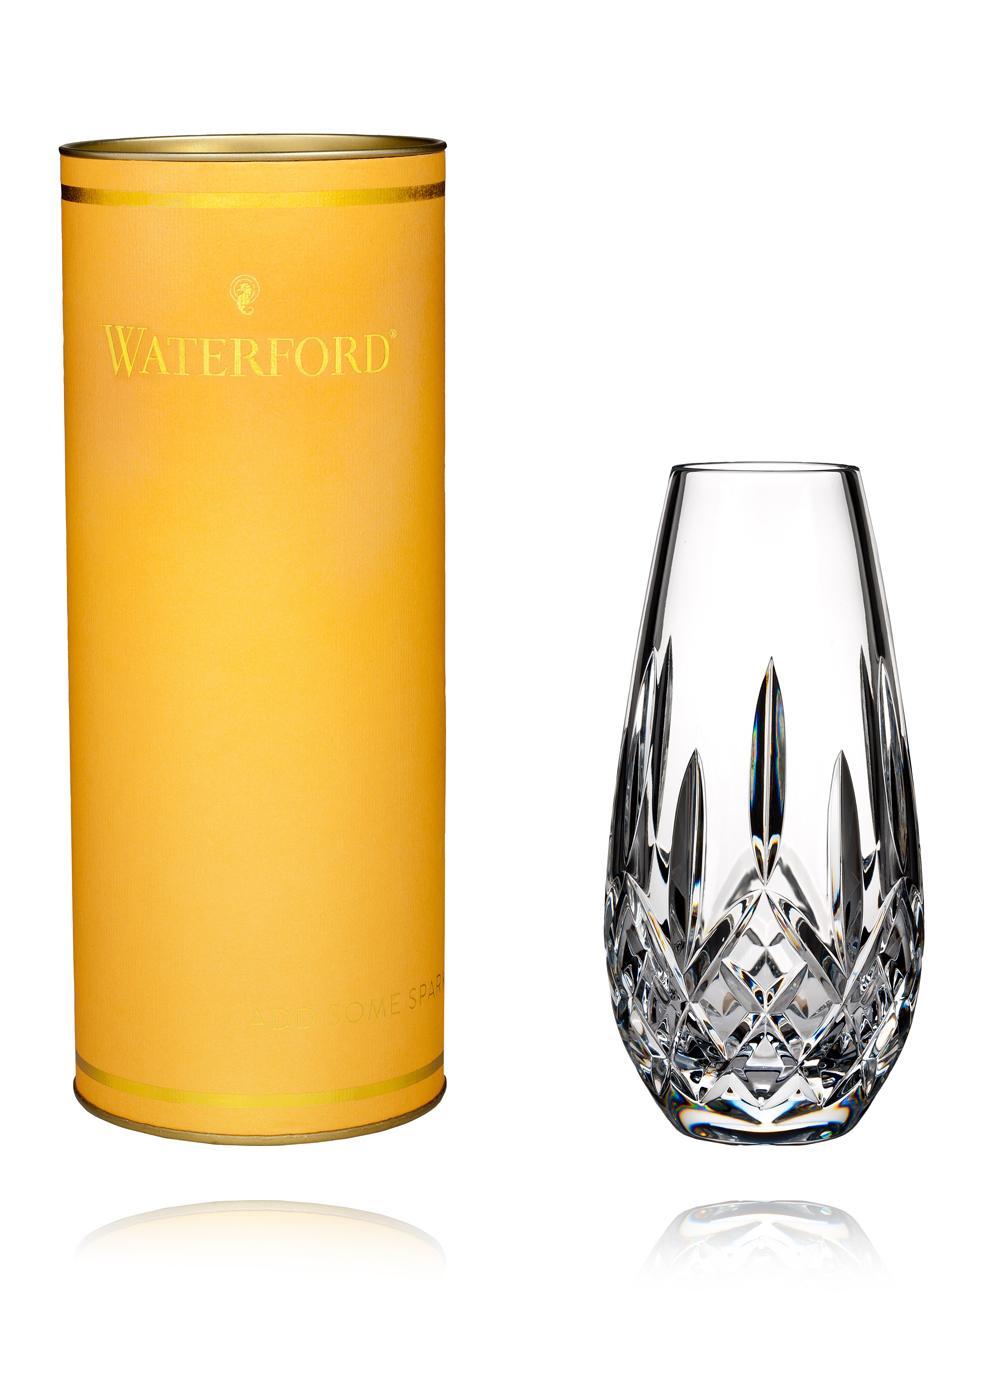 Waterford crystal lismore honey bud vase blarney waterford crystal 55 lismore honey bud vase giftology reviewsmspy